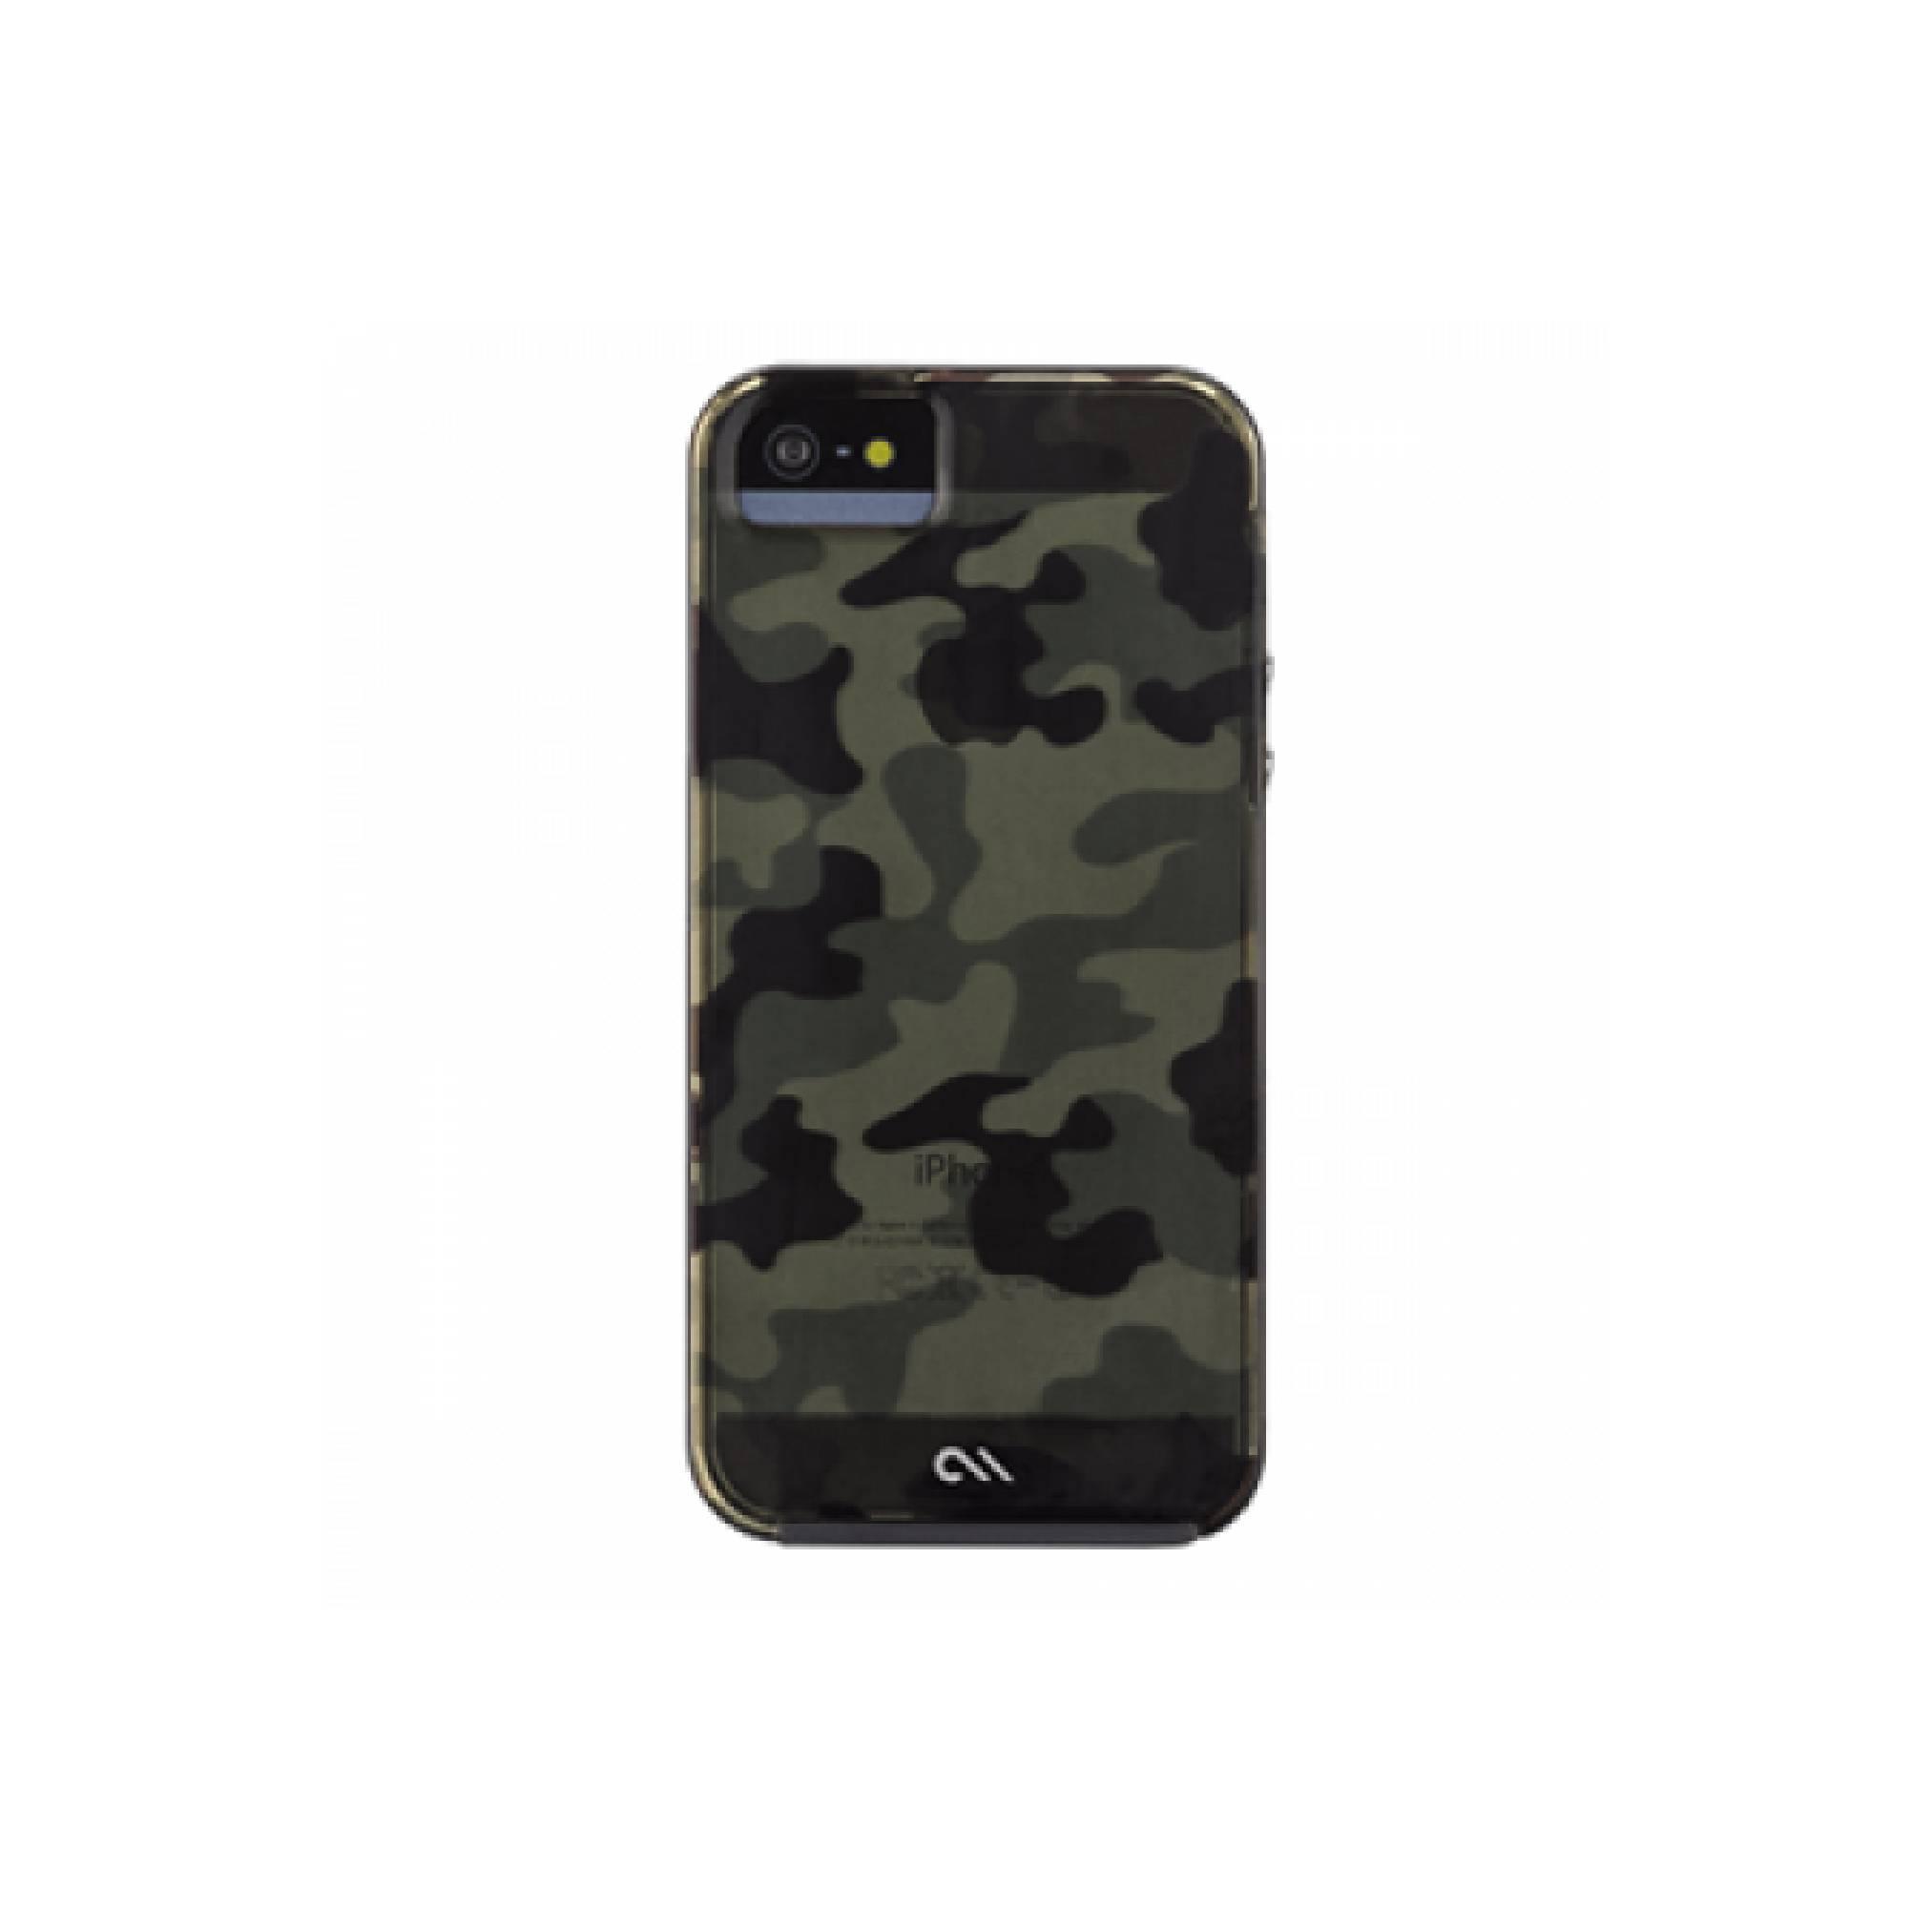 Case-Mate iPhone 5 Urban Camo - Camo [Packing Rusak]